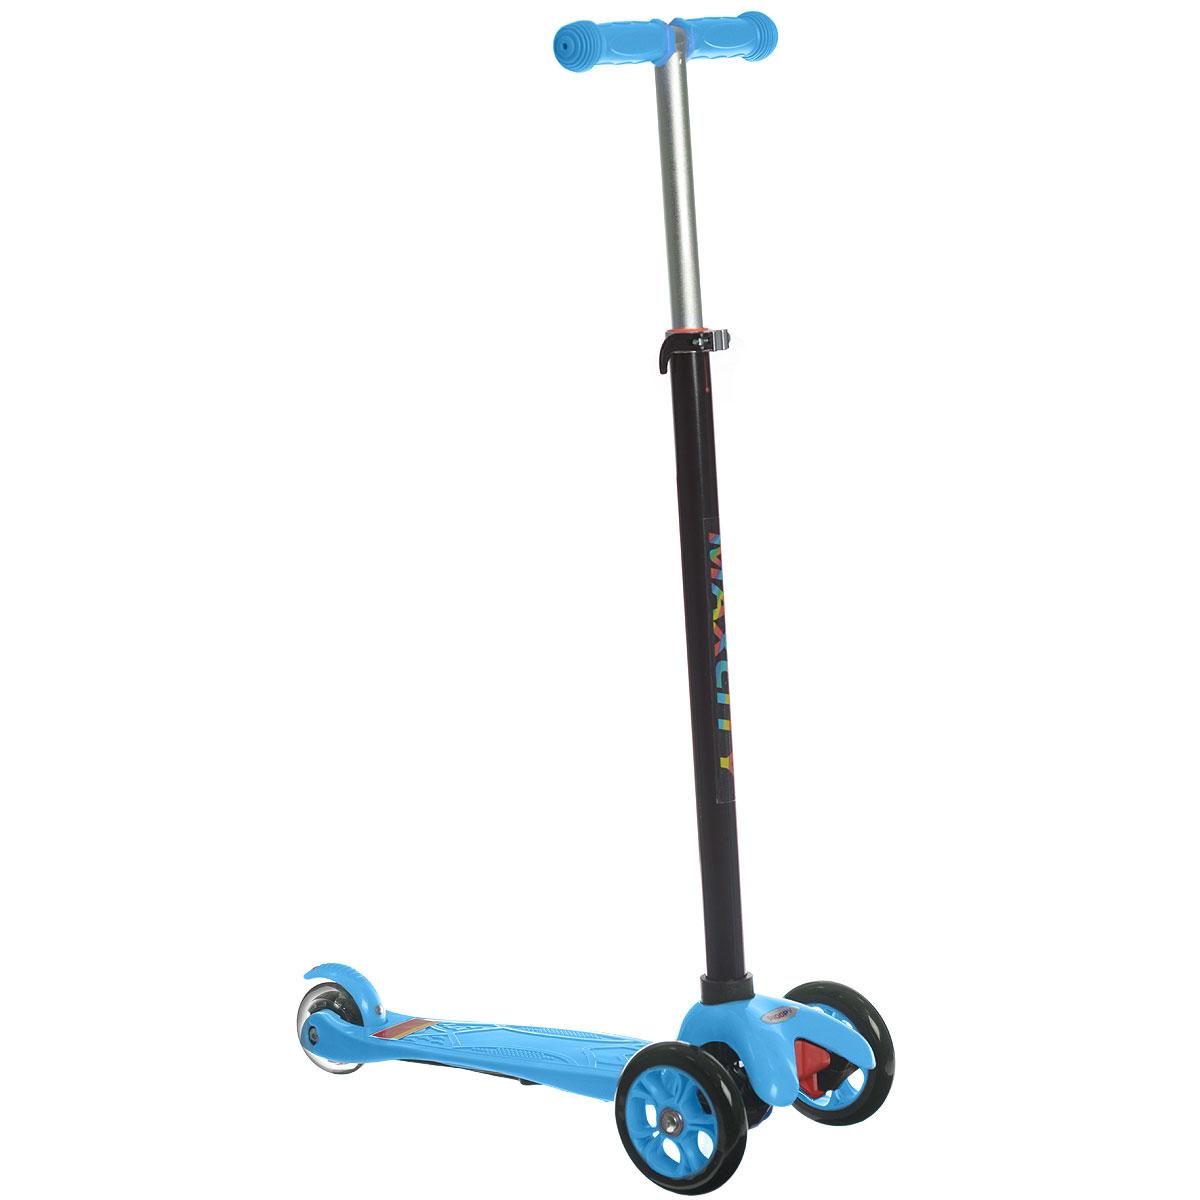 Самокат трехколесный MaxCity Snoopy, цвет: синийSNOOPYСамокат MaxCity Snoopy предназначается для самых маленьких. Детки в возрасте от трех до пяти лет придут в неописуемый восторг от подобного подарка! Самокат изготовлен из сверхпрочных современных материалов. Поэтому он легко выдерживает вес 30 кг! Вы можете полностью быть уверены в безопасности вашего малыша. У самоката имеется три колеса, поэтому он обладает отличной устойчивостью! Оснащен пяточным тормозом. Заднее колесо светится при езде. Процесс обучения езде на самокате обладает прекрасным плюсом. Чтобы научиться кататься, ребенку не требуется тренер, который должен на первых порах все время находиться рядом, как было бы при обучении катанию на велосипеде. Это легко объясняется конструкцией данной модели самоката. Ваш малыш сможет быстро освоить, как нужно кататься. Он ни разу при этом не упадет! Детский транспорт способен приносить ребенку лишь радость.